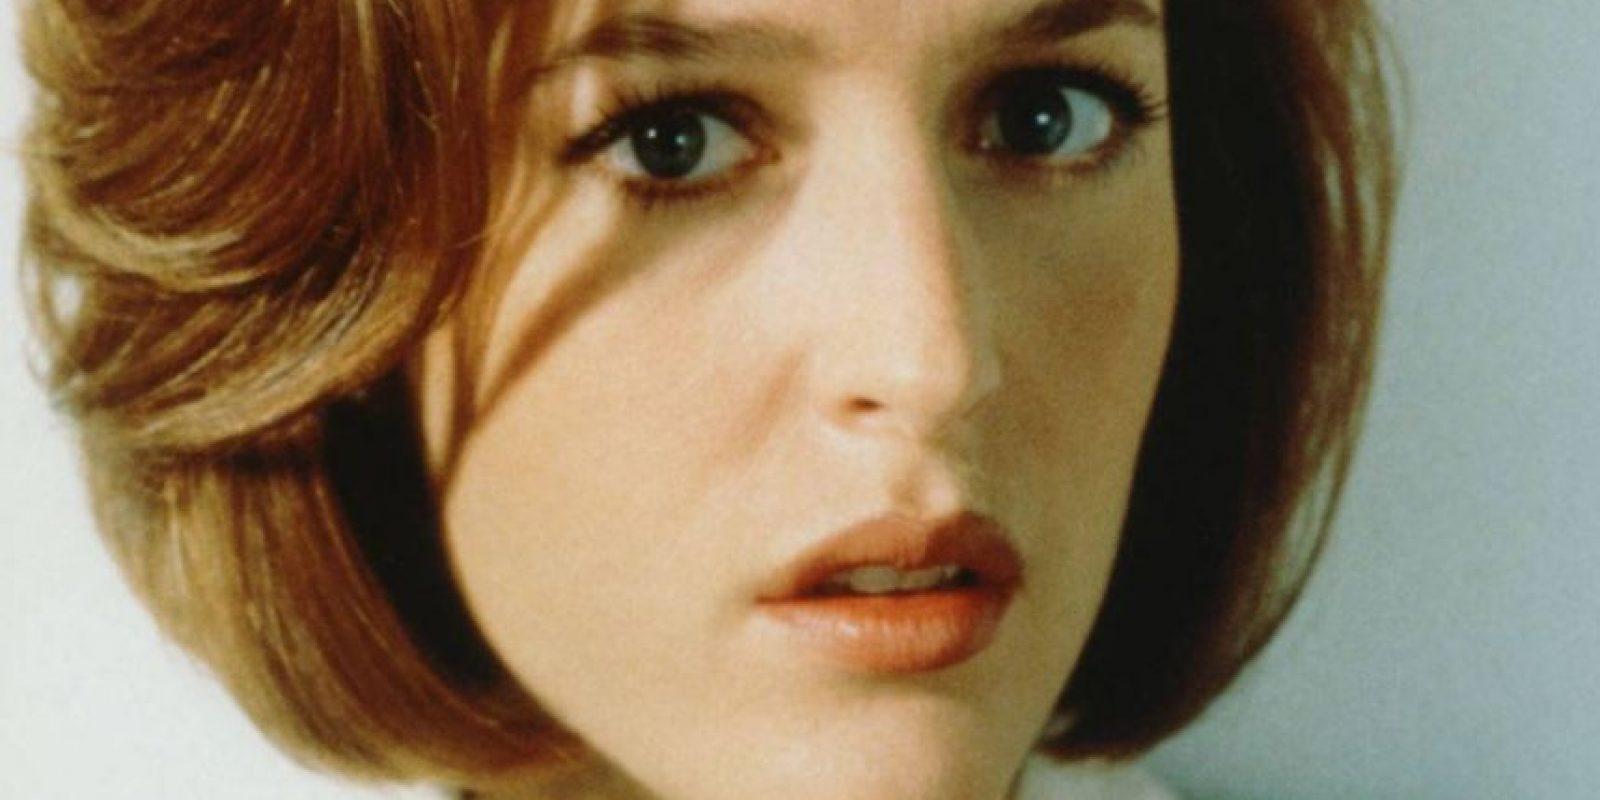 """Dana Scully, de """"Los Expedientes Secretos X"""". Es quien resuelve los casos usando la razón y la lógica. A pesar de ser abducida por aliens, volvió al trabajo. Foto:vía FOX"""